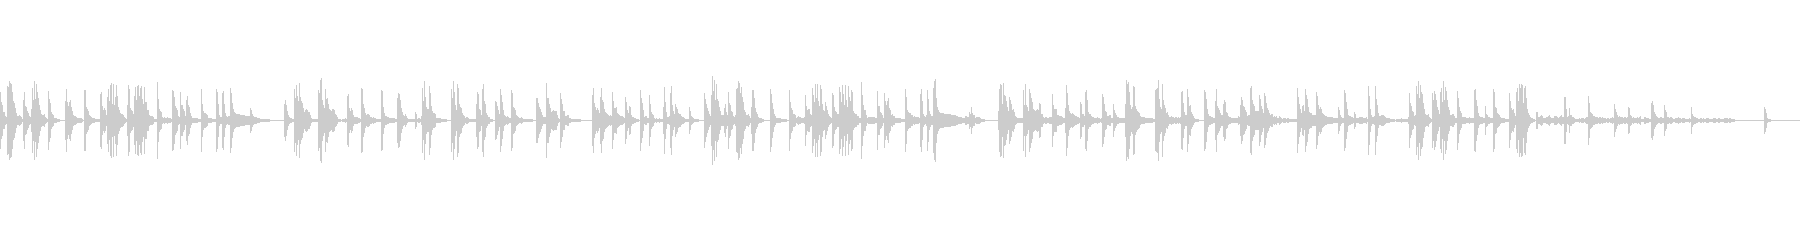 穏やかなハープの音色のアンビエントBGMの未再生の波形